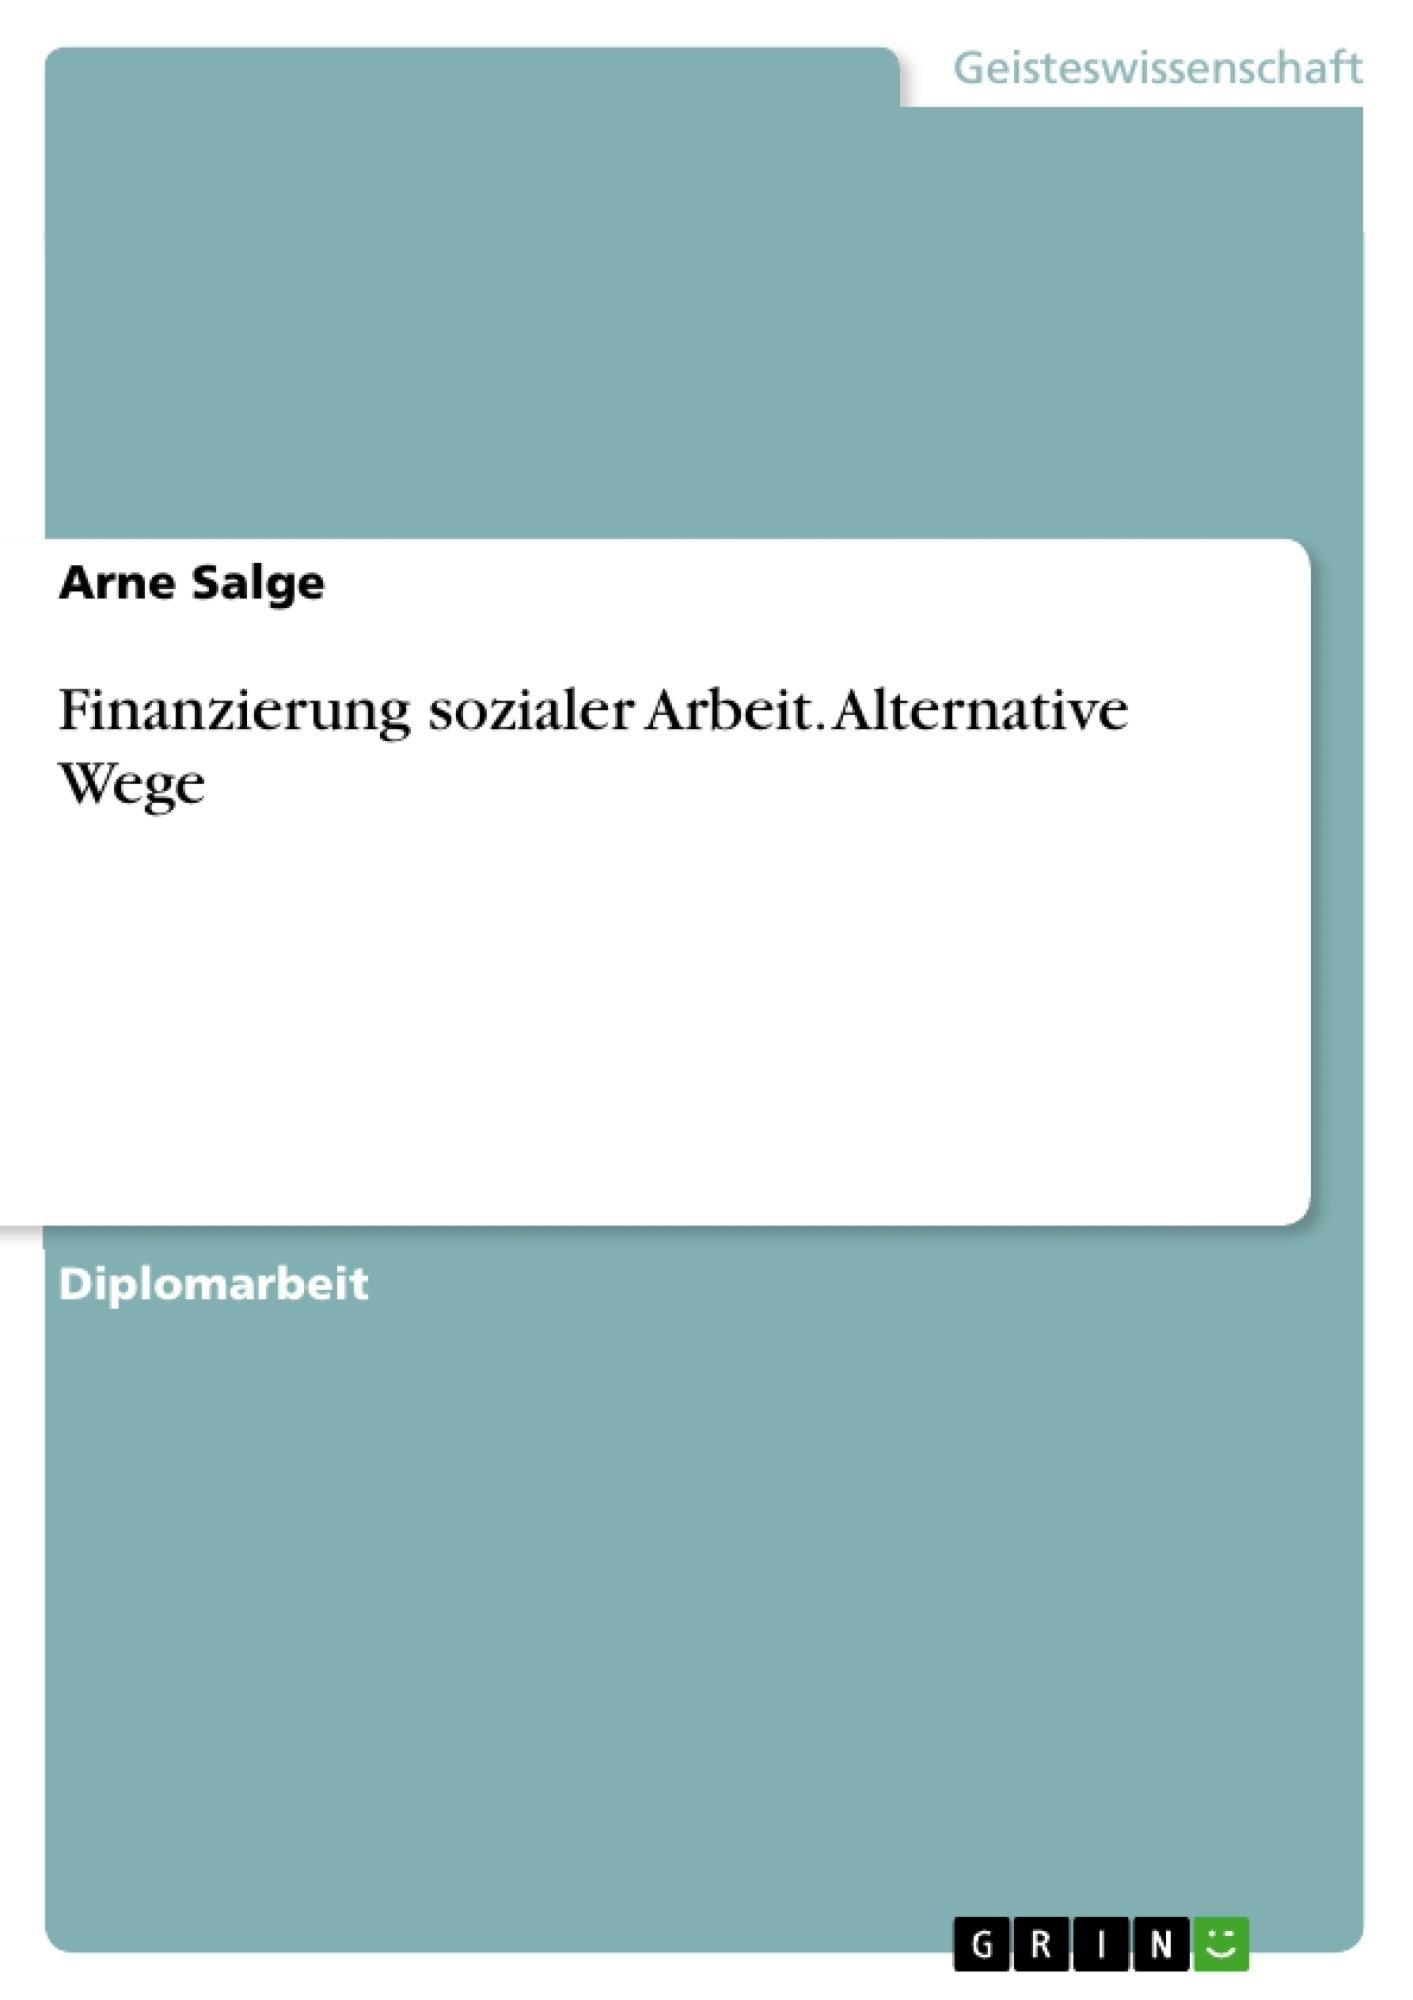 Titel: Finanzierung sozialer Arbeit. Alternative Wege